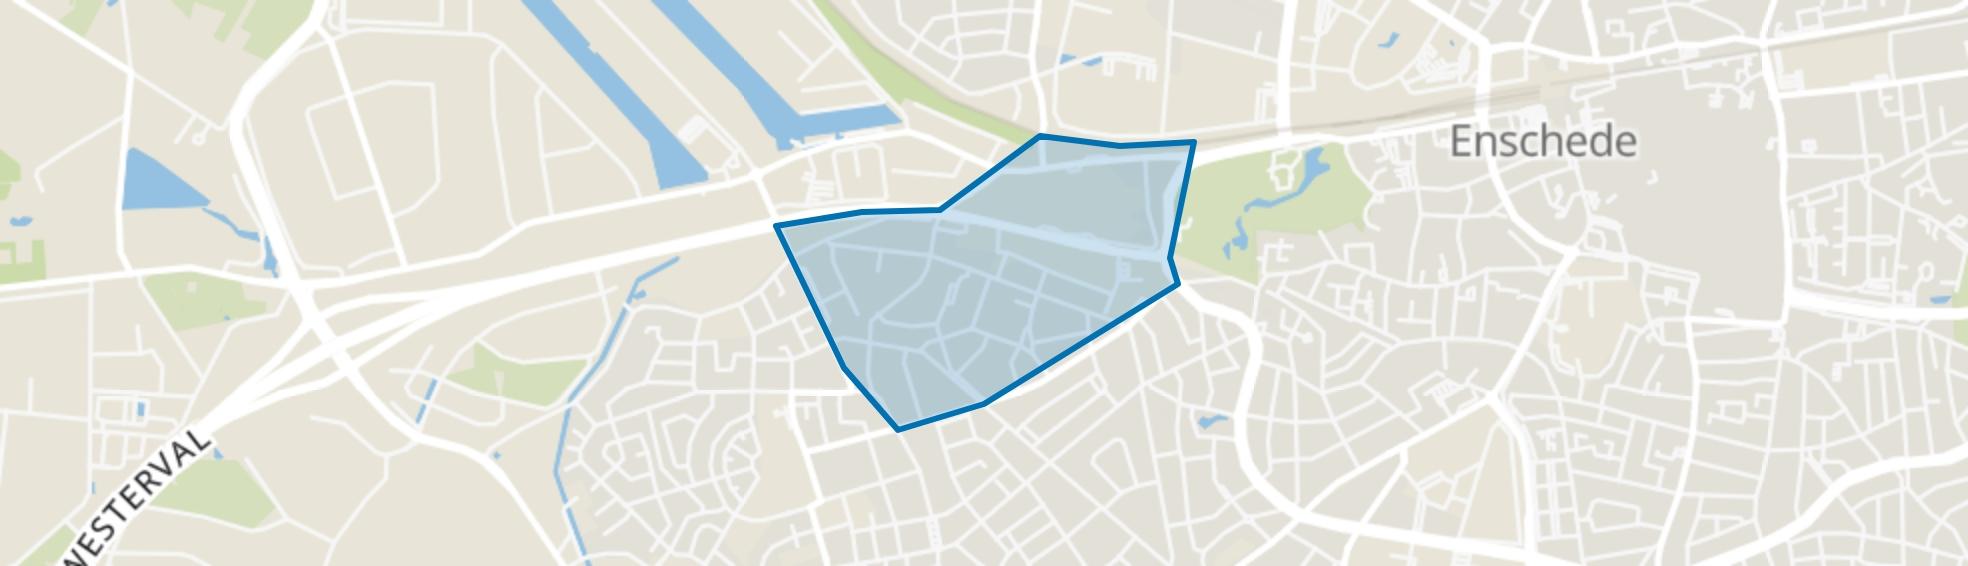 Elferink-Heuwkamp, Enschede map